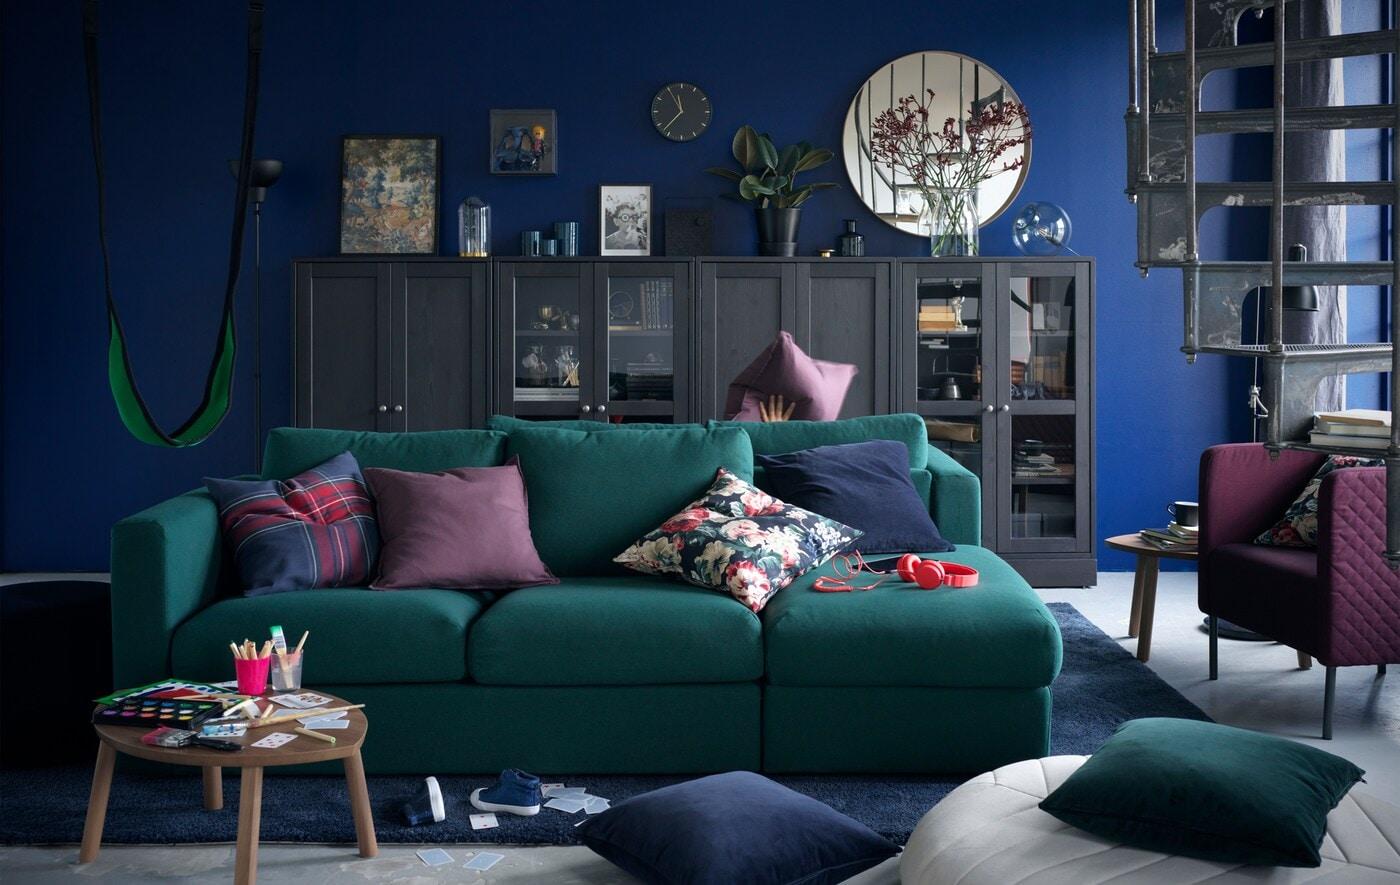 Un cómodo sofá VIMLE de IKEA verde oscuro sirve como pieza central del salón.